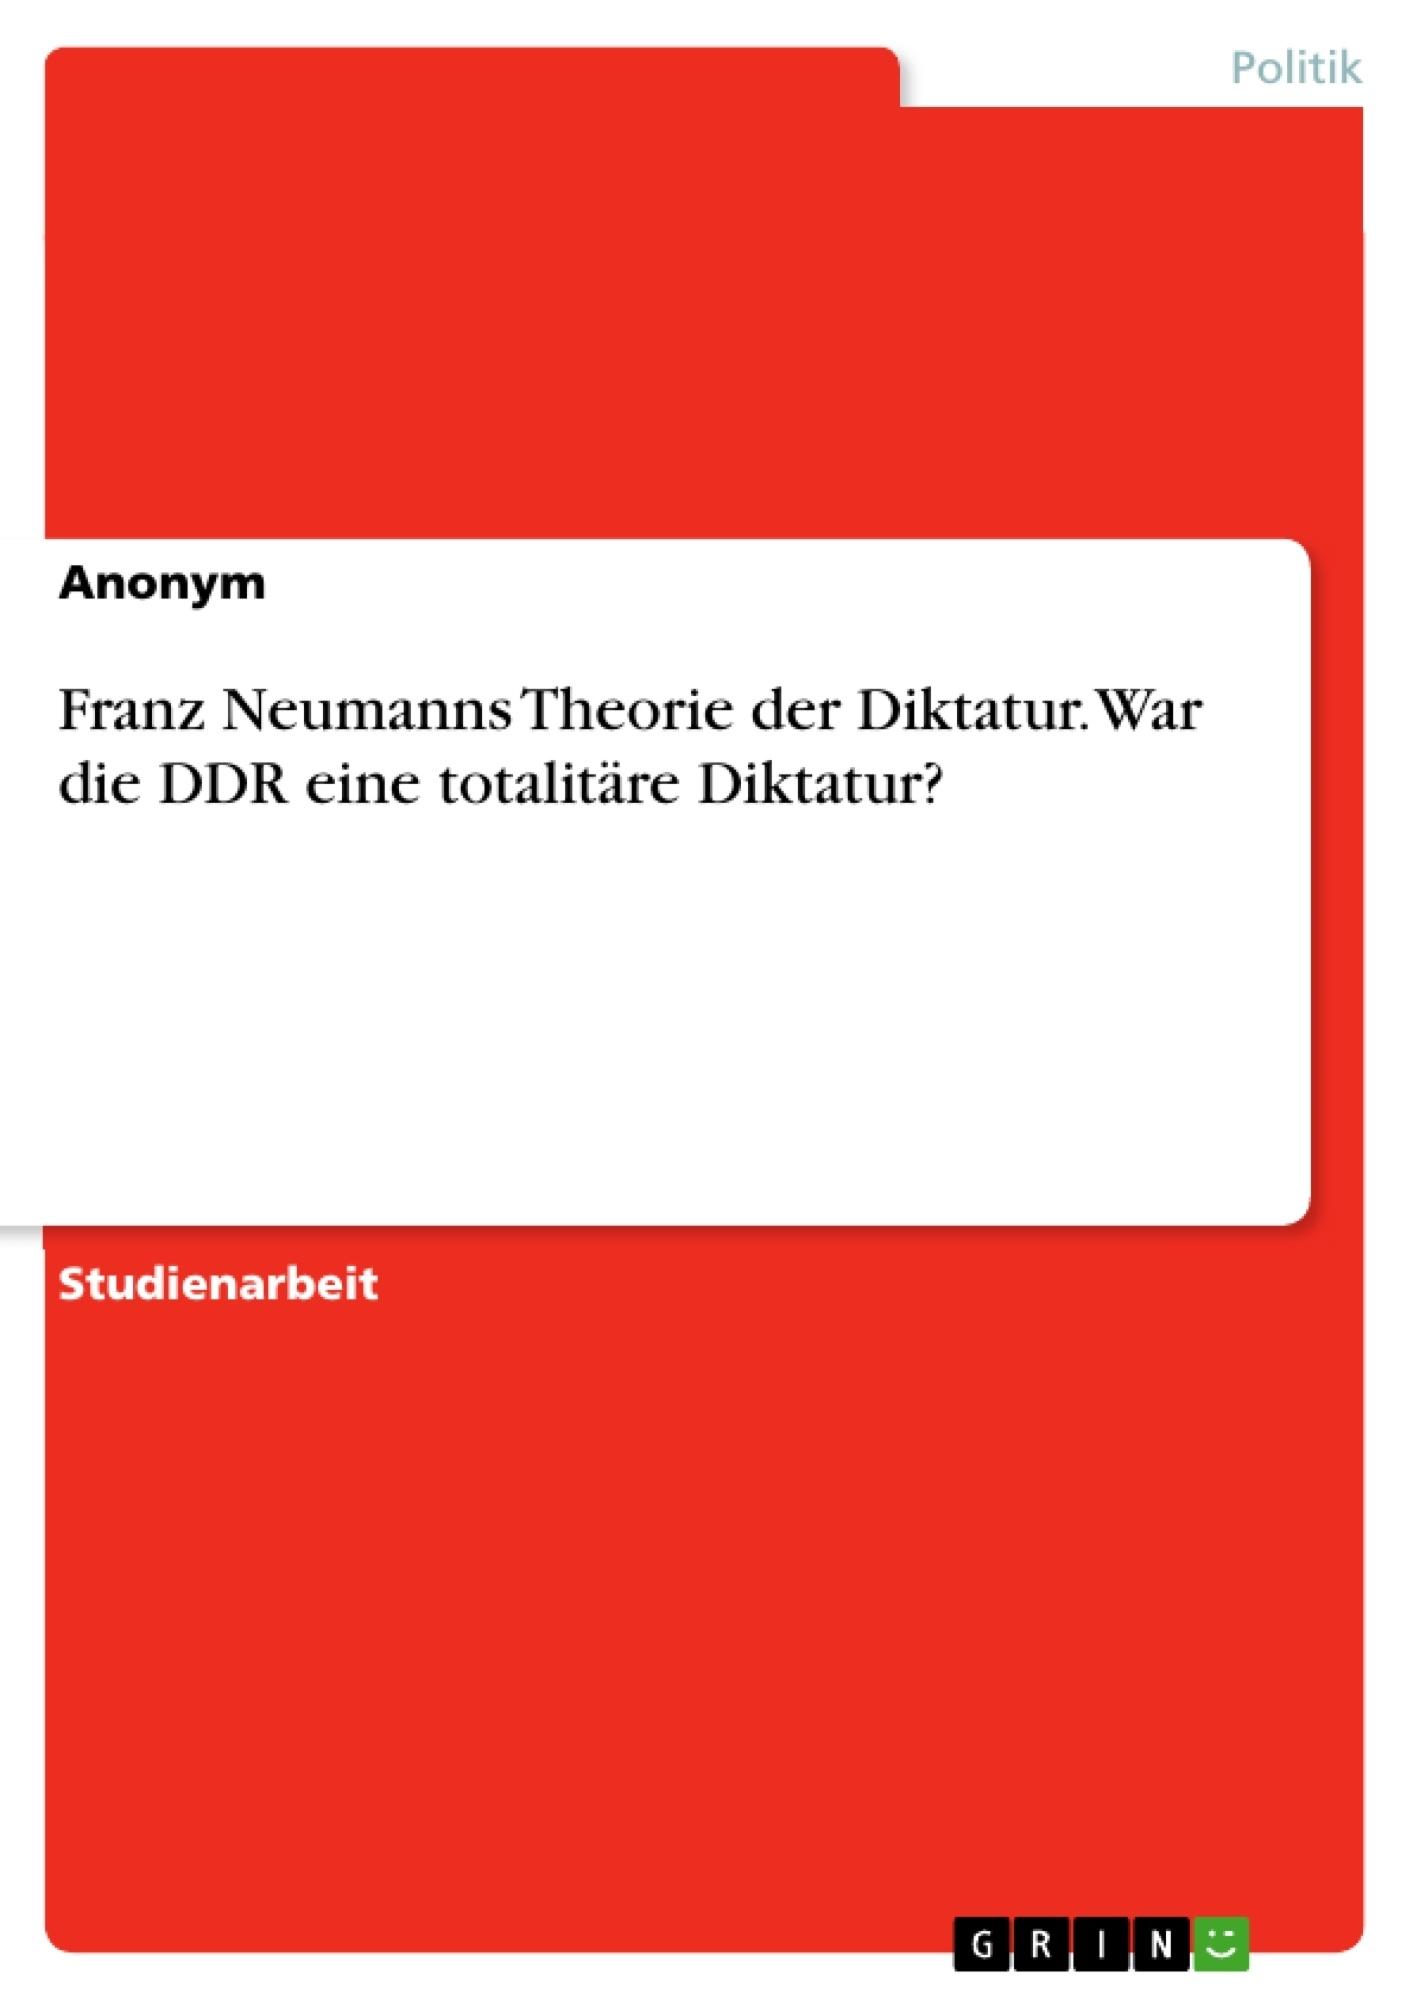 Titel: Franz Neumanns Theorie der Diktatur. War die DDR eine totalitäre Diktatur?